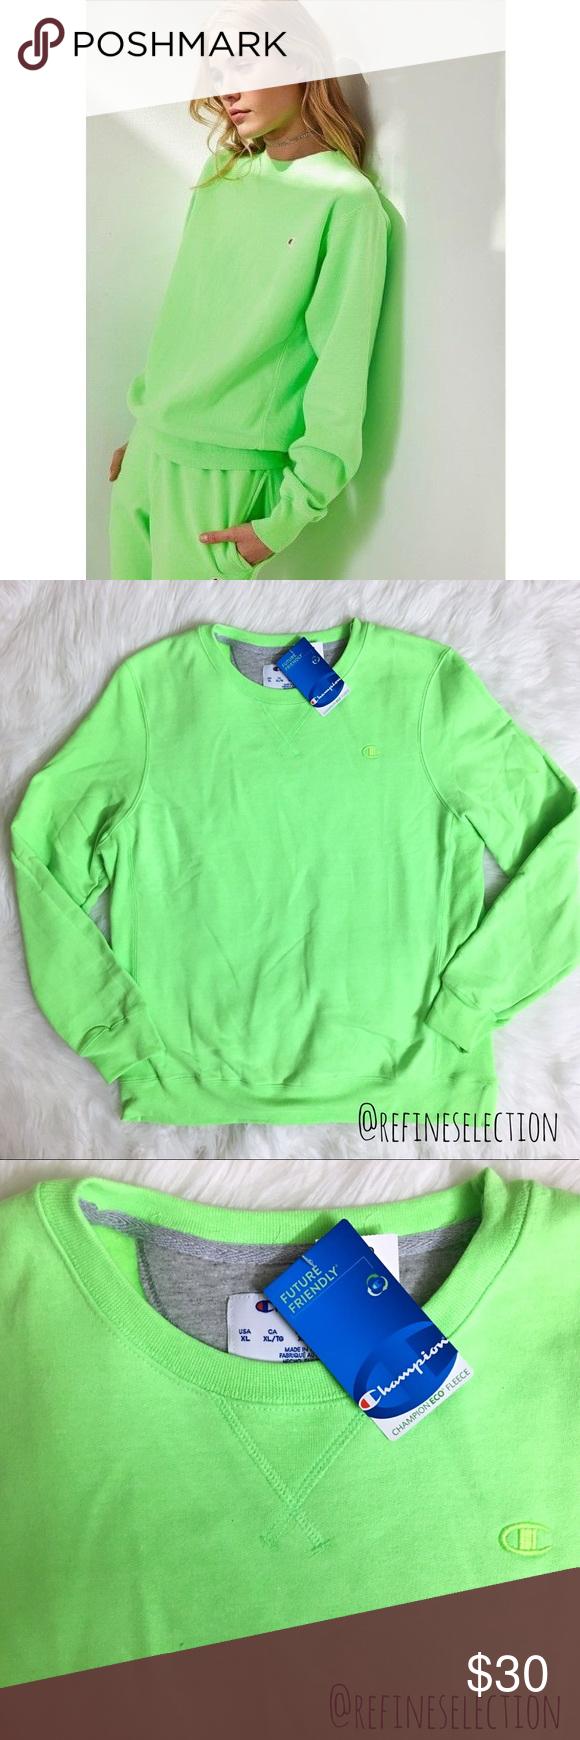 Champion Eco Neon Green Pullover Crew Sweatshirt Sweatshirts Crew Sweatshirts Neon Green [ 1740 x 580 Pixel ]